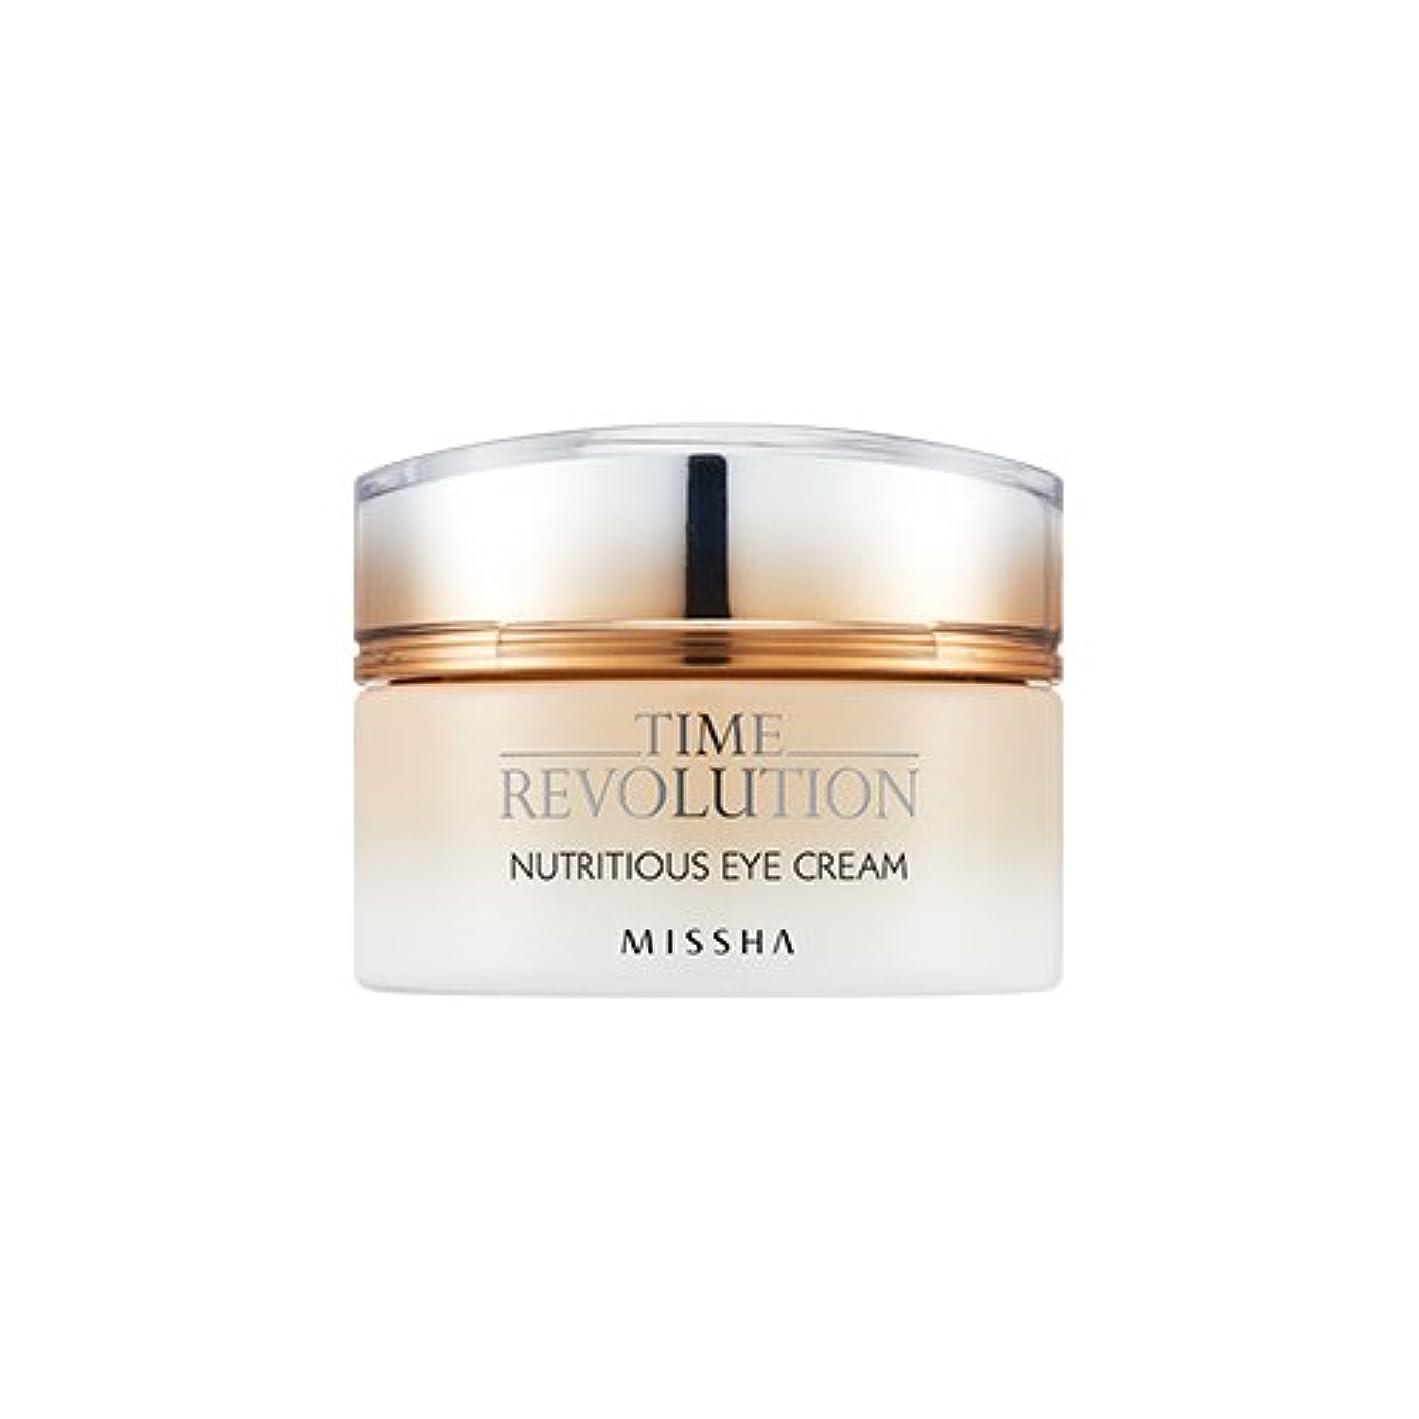 ショート補体満州[New] MISSHA Time Revolution Nutritious Eye Cream 25ml/ミシャ タイム レボリューション ニュートリシャス アイクリーム 25ml [並行輸入品]